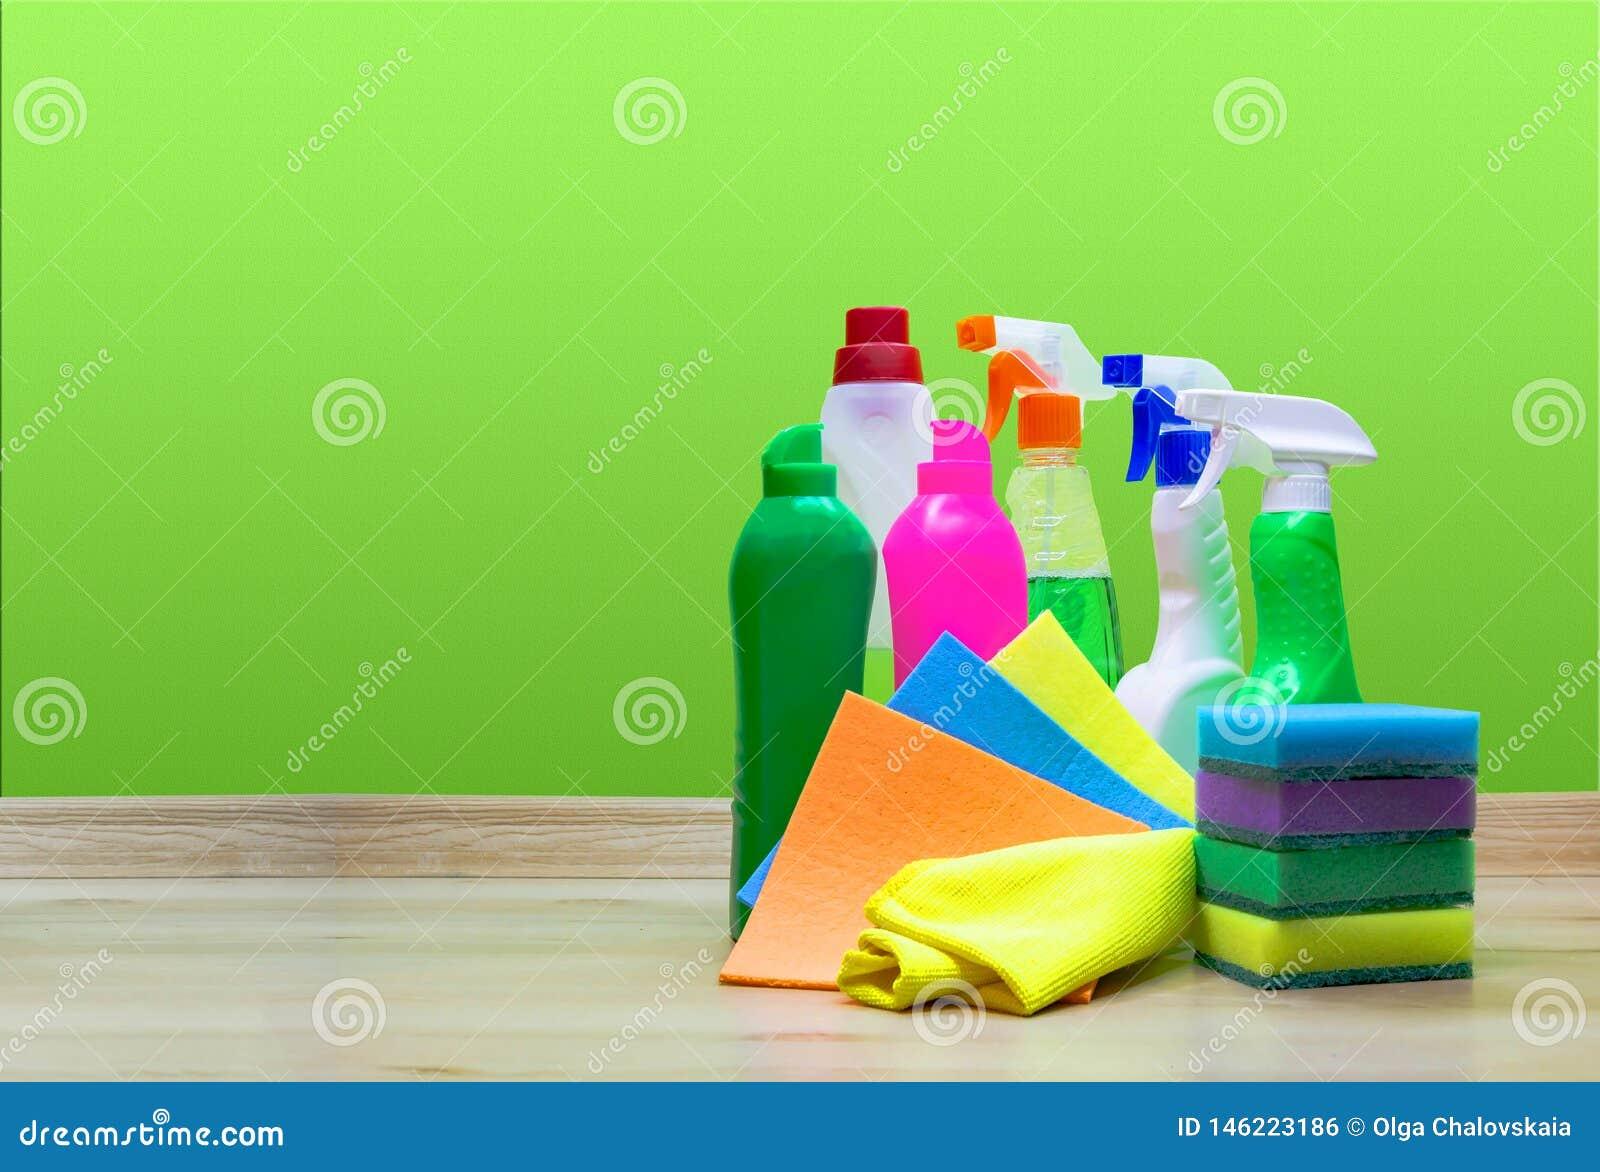 Różnorodne czyści rzeczy na zielonym tle